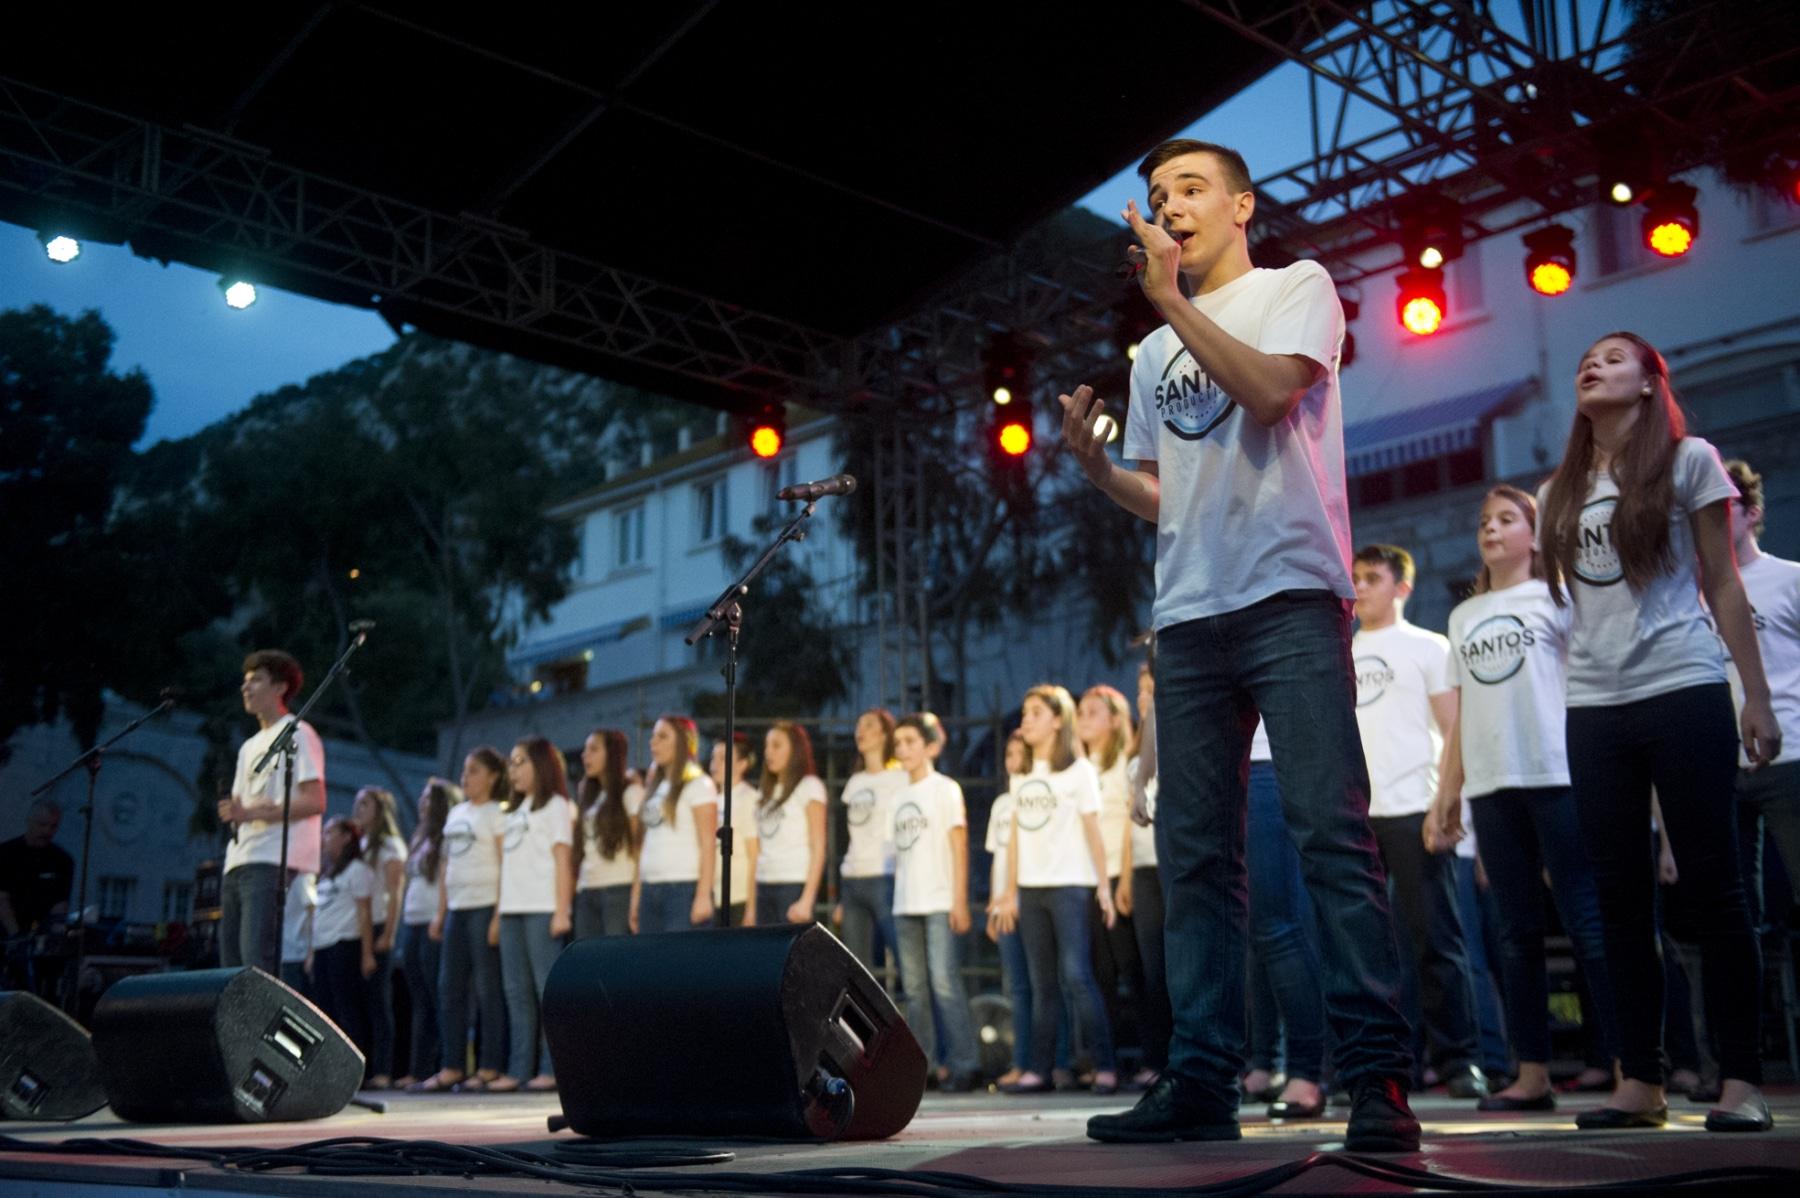 fiesta-del-1-de-mayo-en-gibraltar-01052015-33_17364516915_o